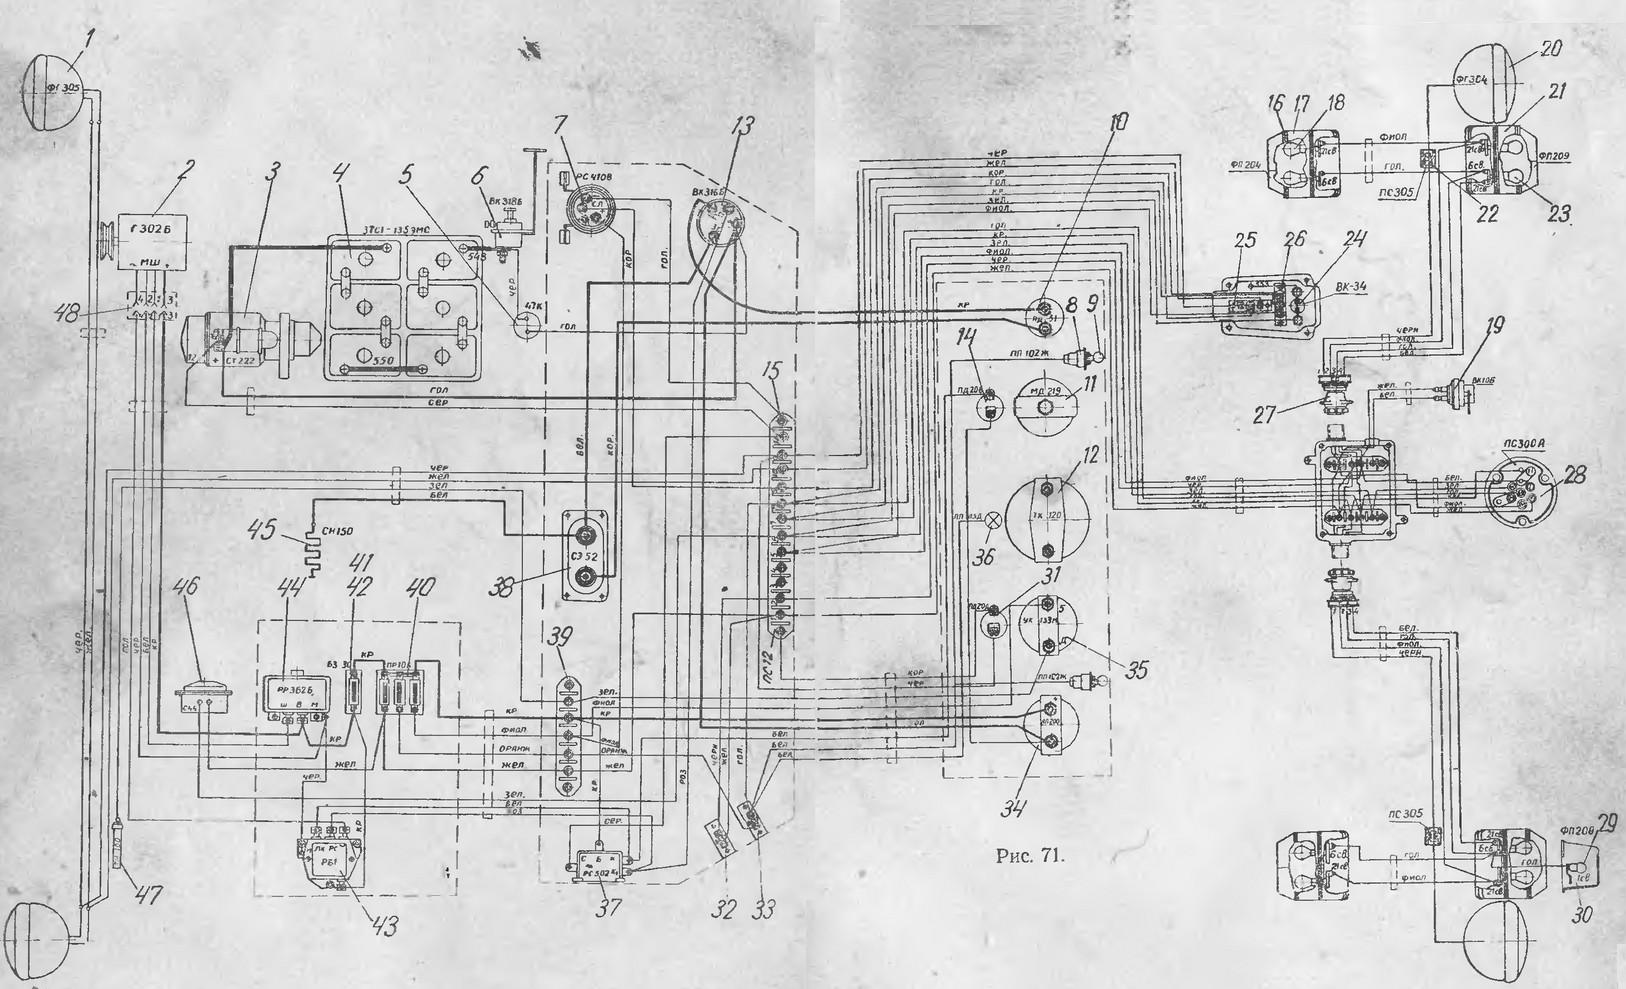 Щиток приборов трактора с пусковым двигателем Т-170-